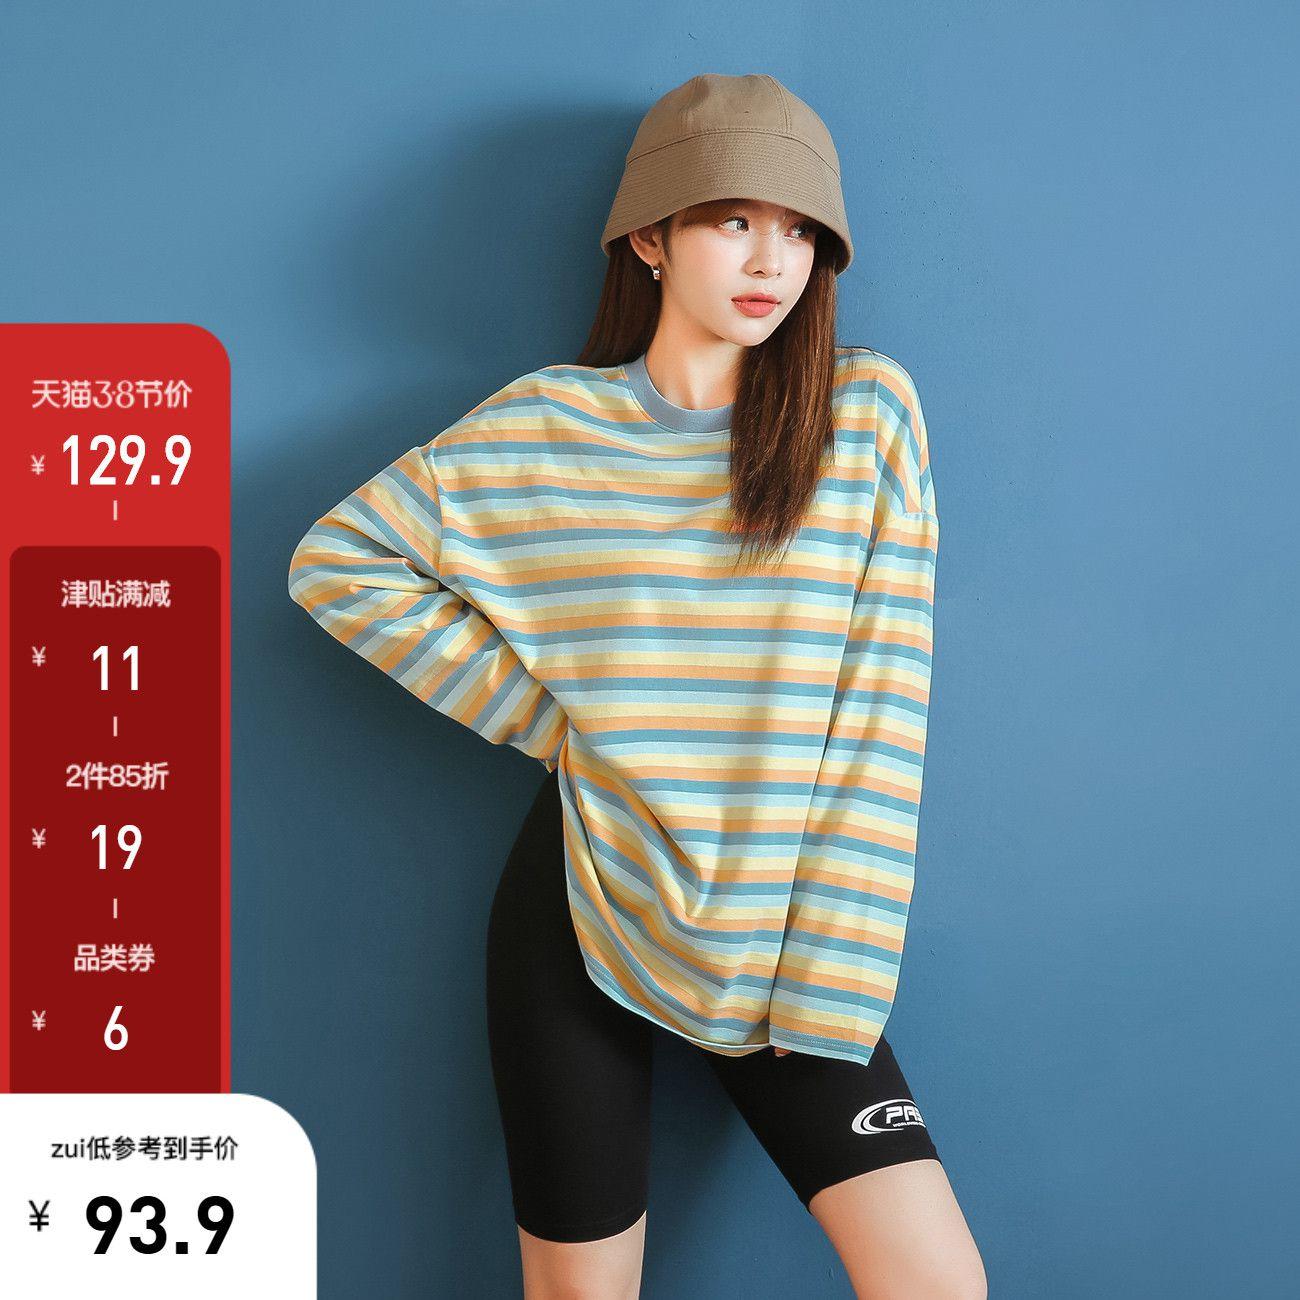 chuu彩虹条纹T恤女2020春夏装新款韩版学生宽松长袖百搭中长款t恤